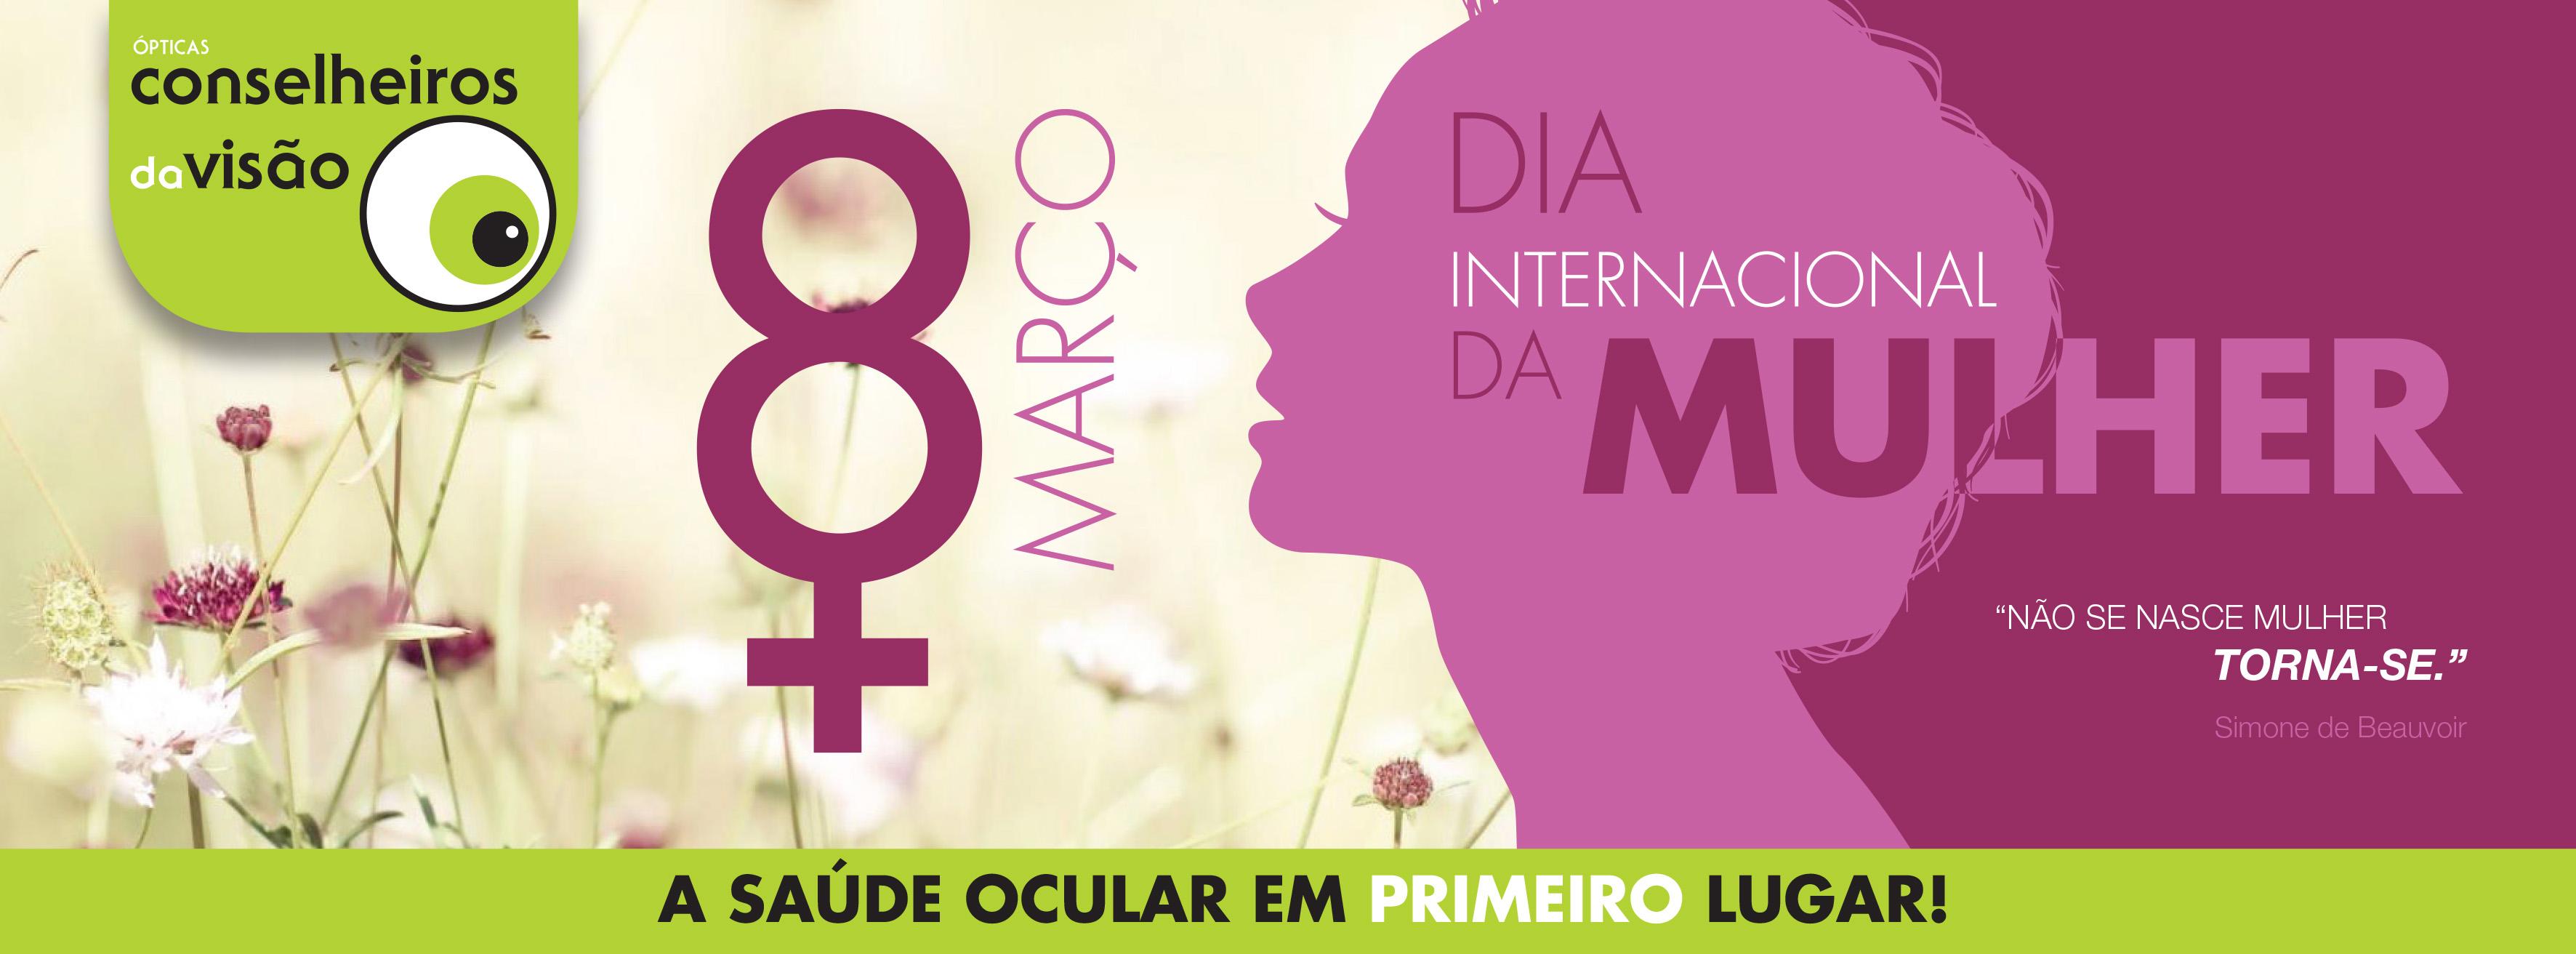 dia_internacional_da_mulher_v1